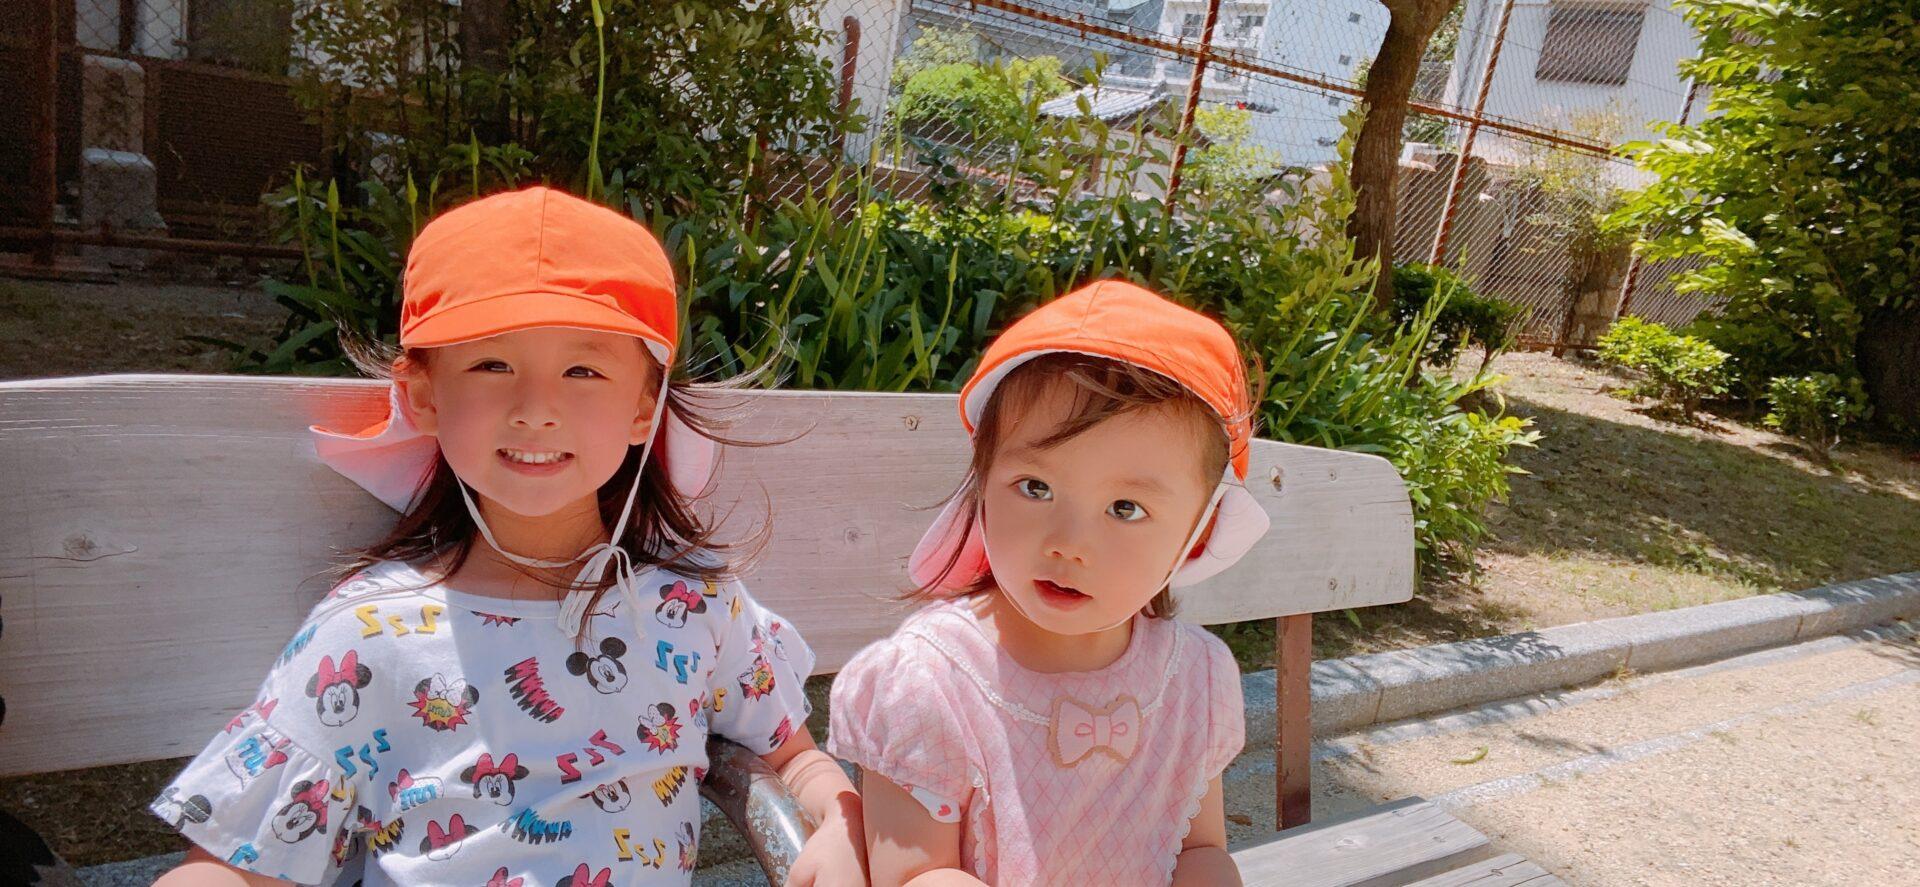 公園までピクニック|大阪・上本町の保育園レオラ